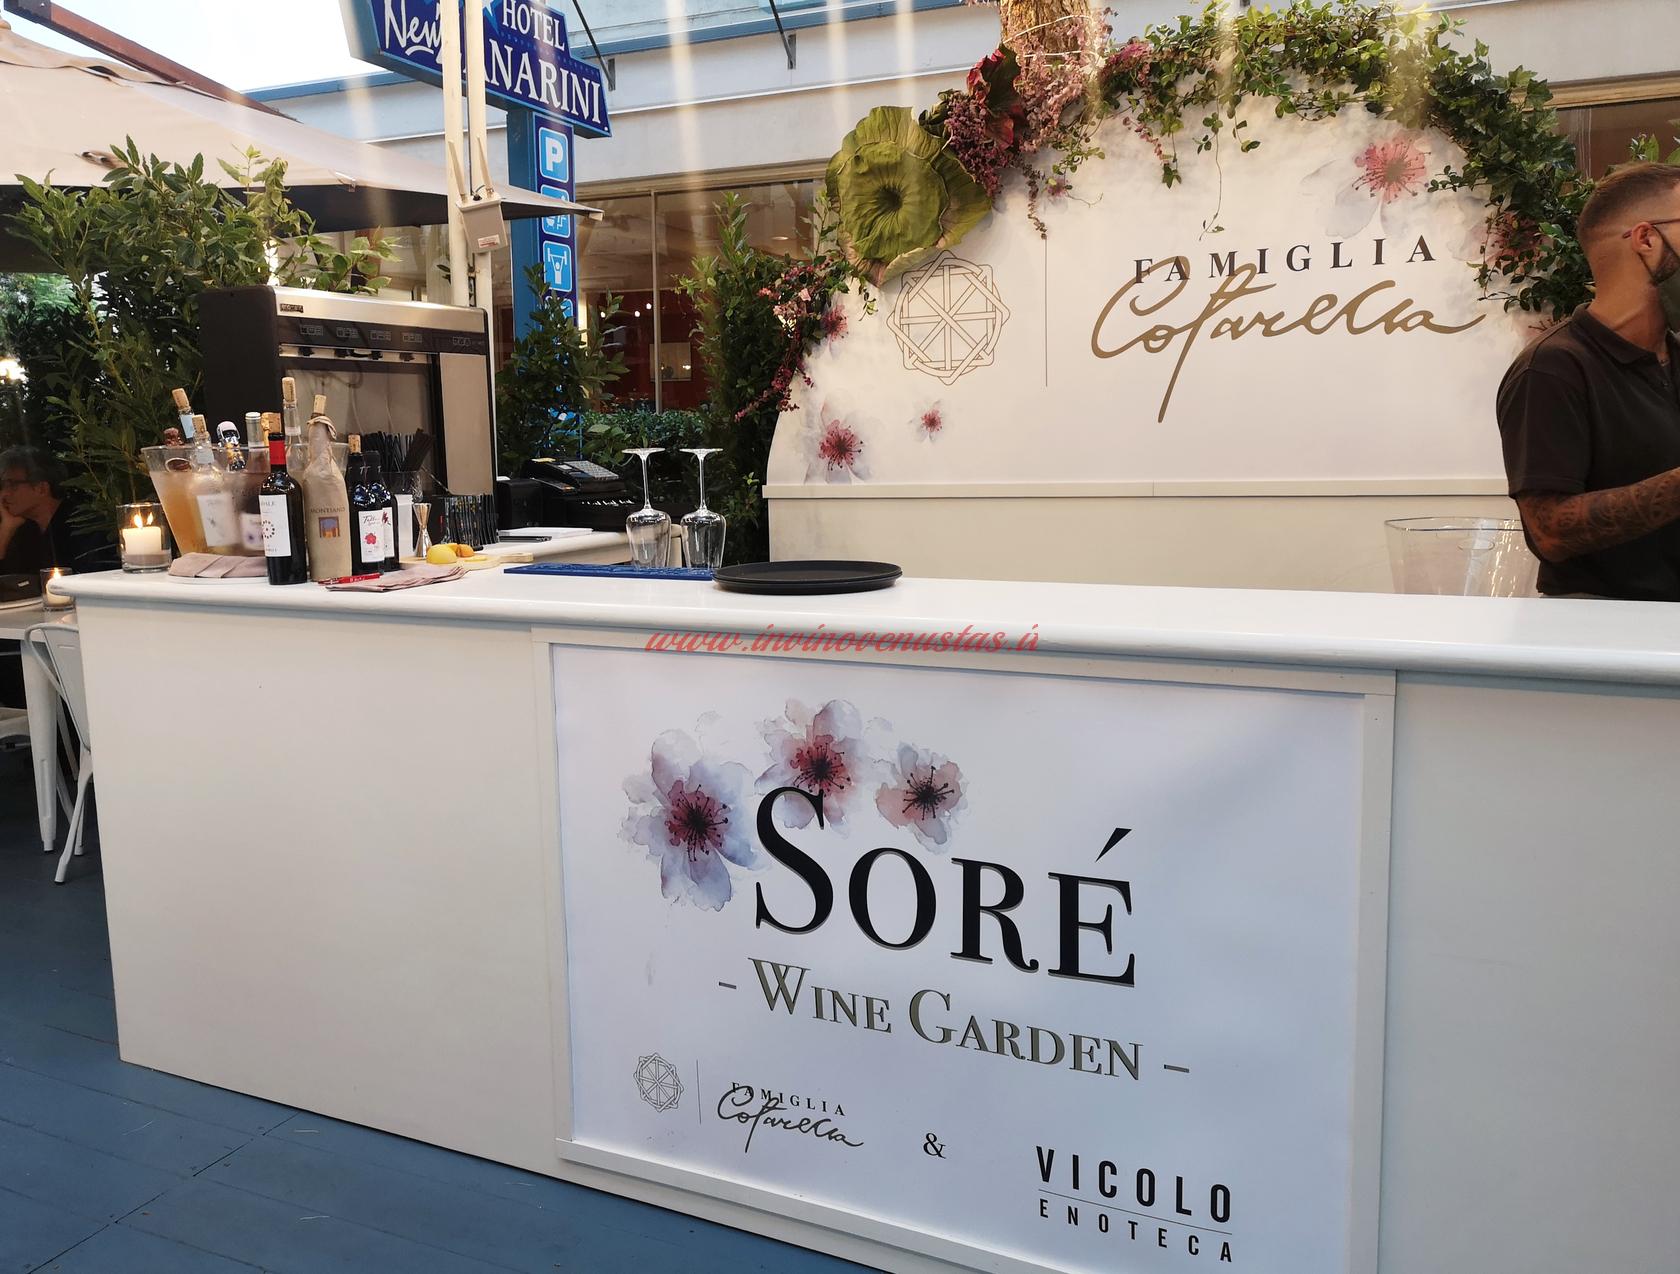 Soré Wine Garden Riccione